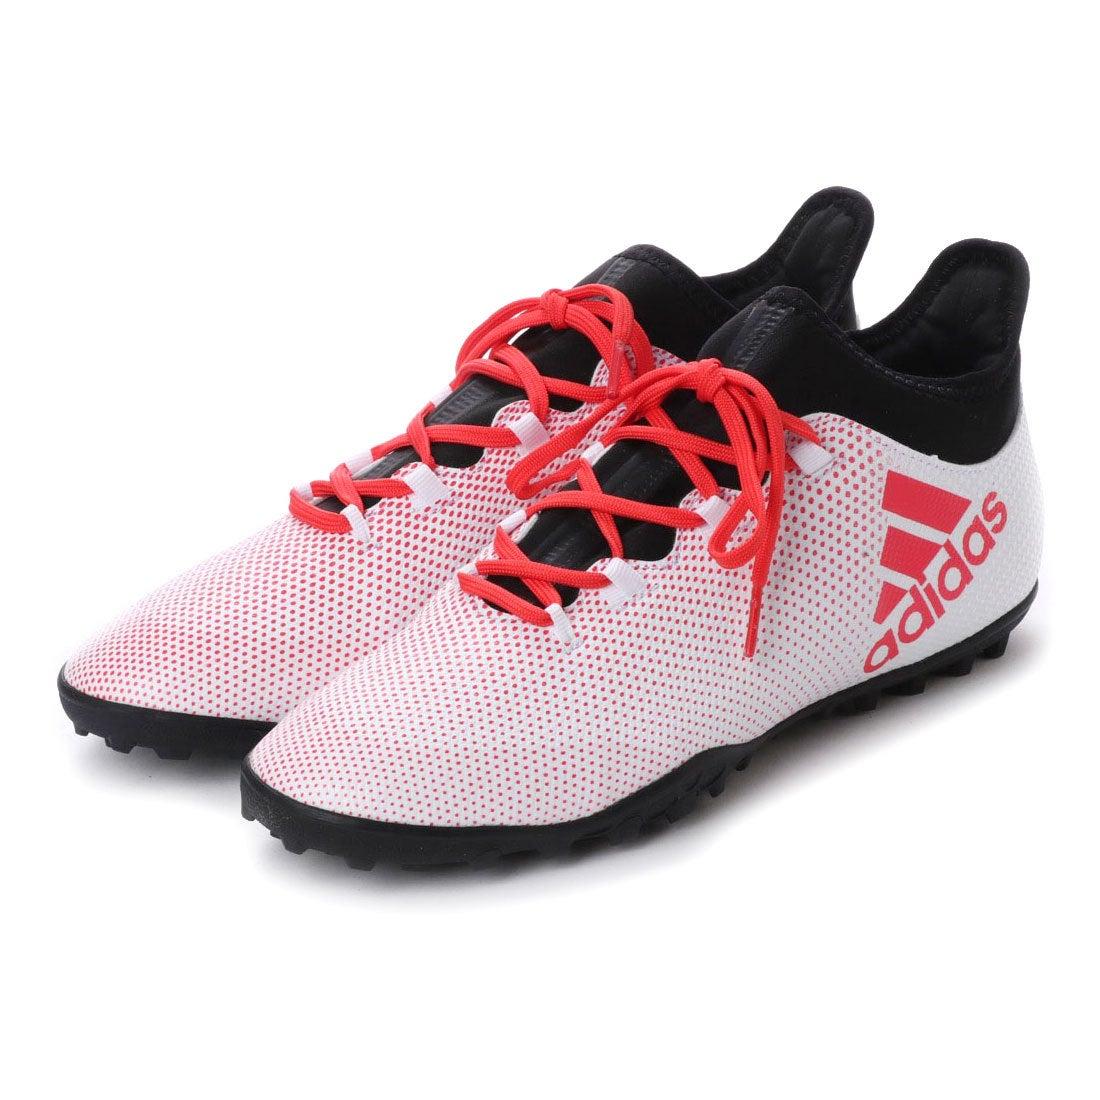 【SALE 30%OFF】アディダス adidas サッカー トレーニングシューズ エックス タンゴ 17.3 TF CP9136